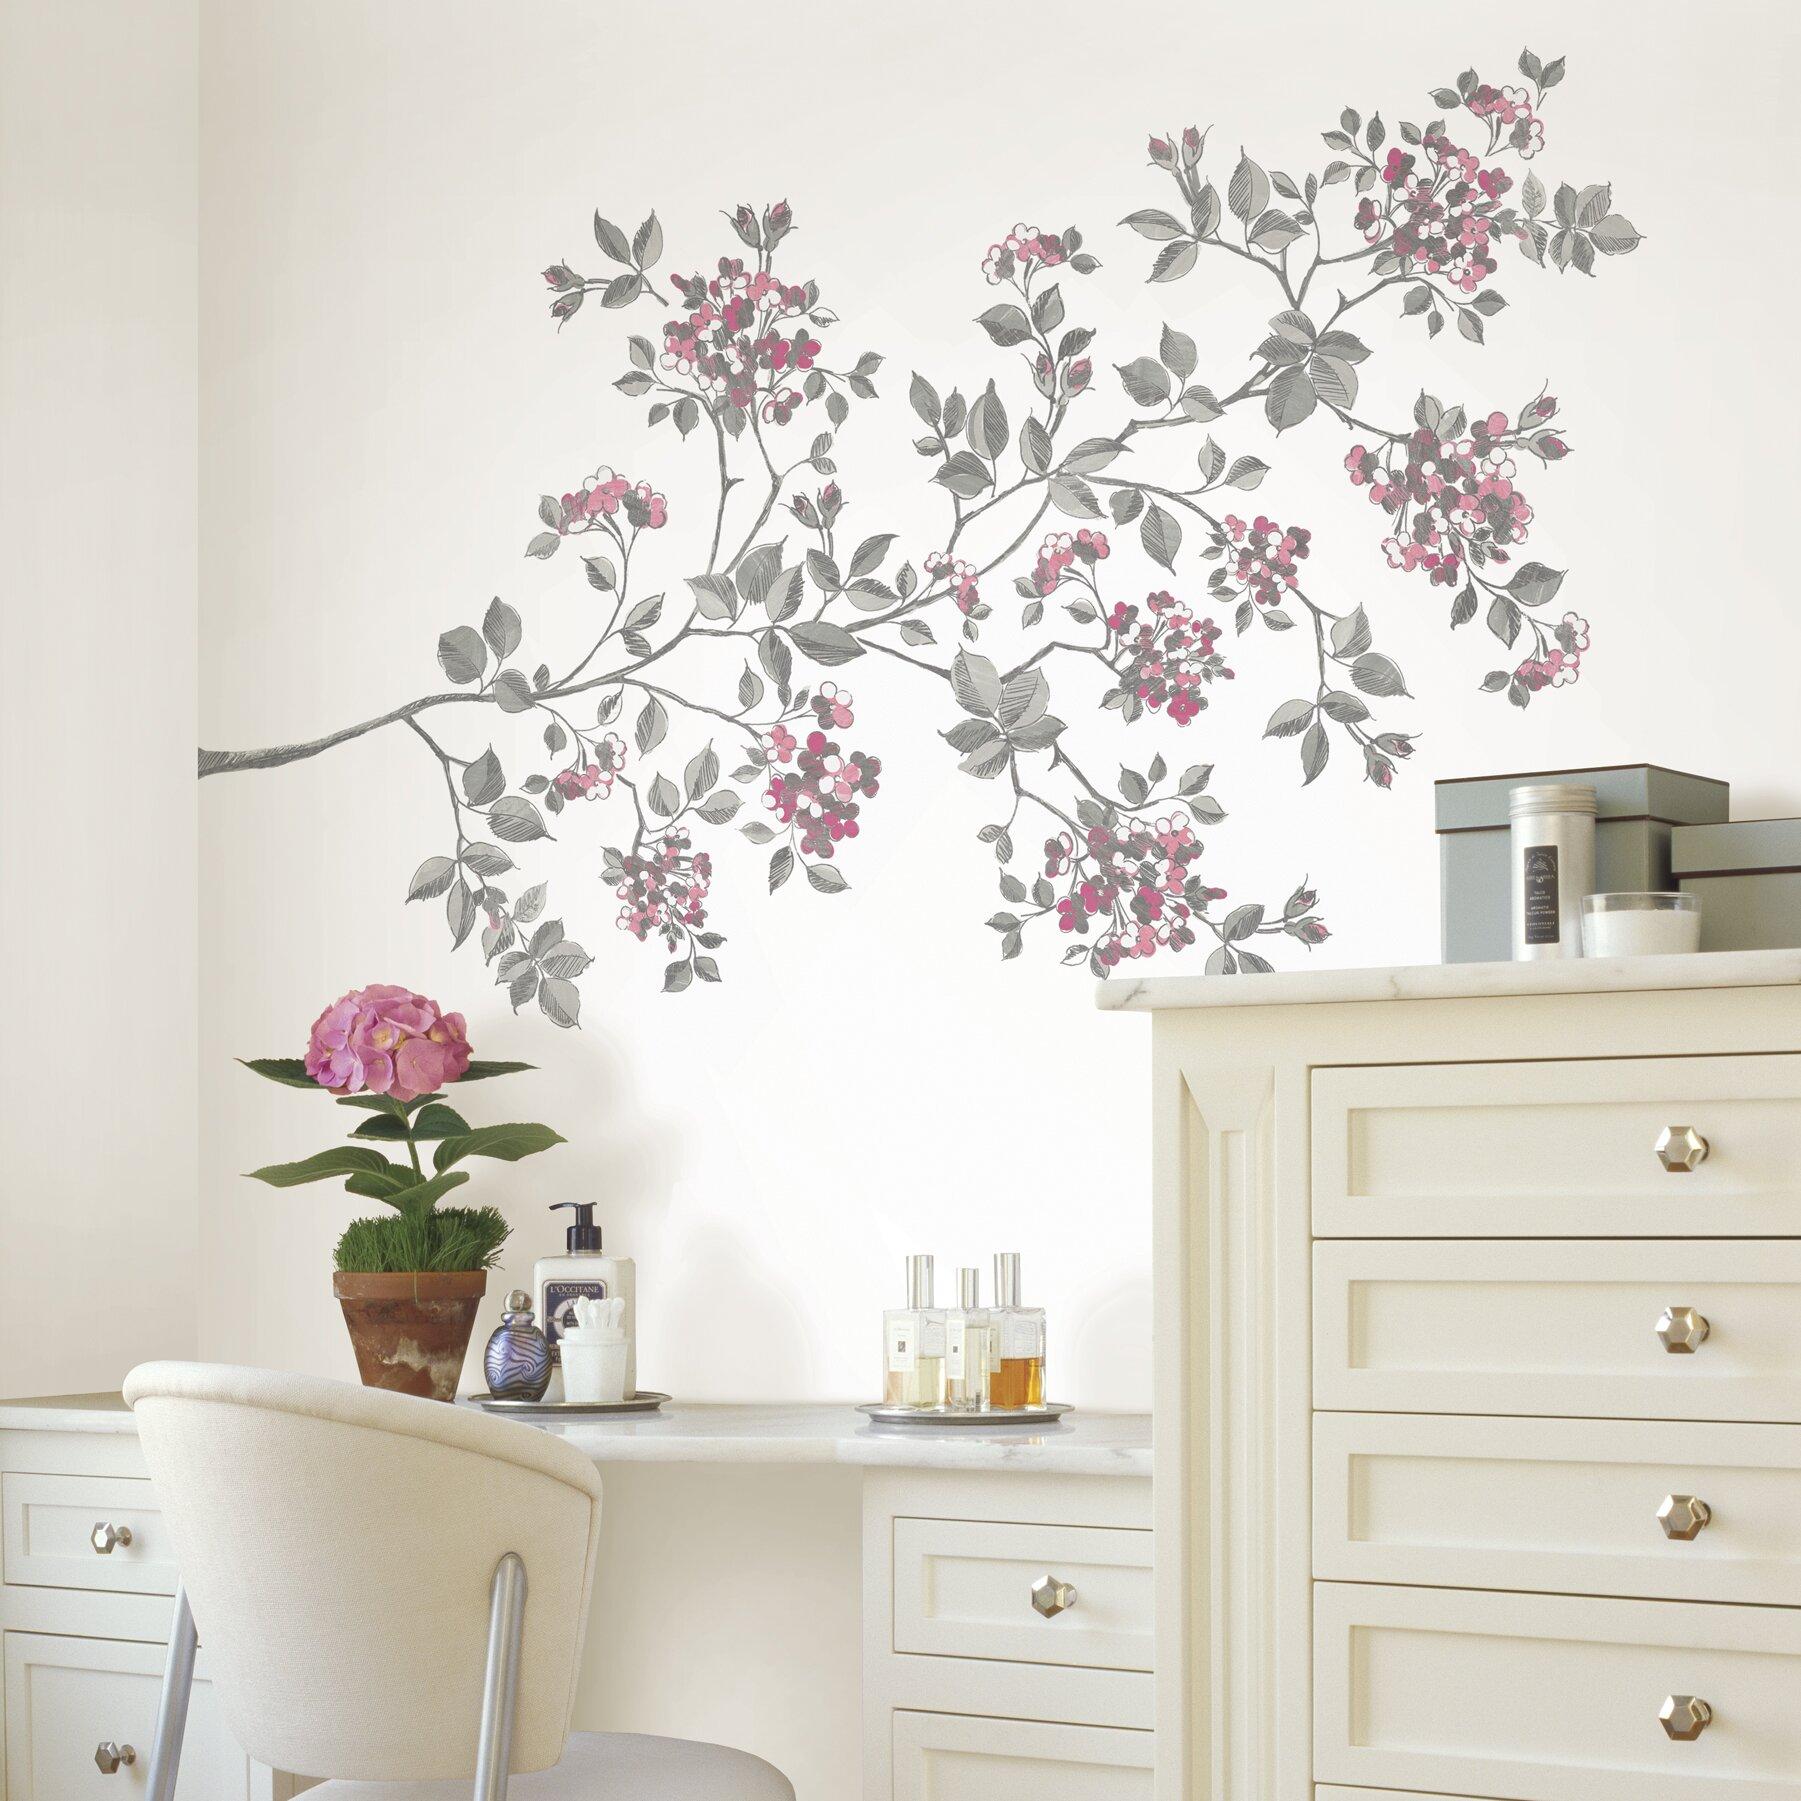 cherry blossom bathroom mobroi com cherry blossom bathroom kahtany